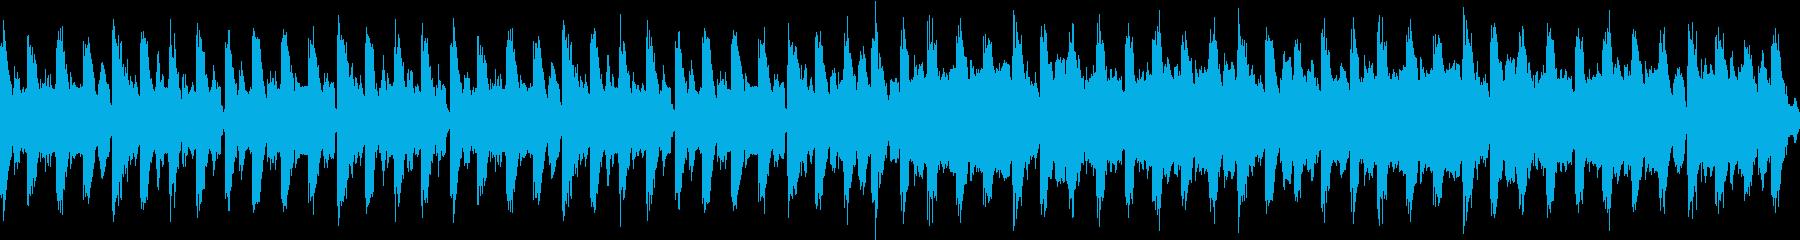 コミカルオーケストラ/カラオケループ仕様の再生済みの波形